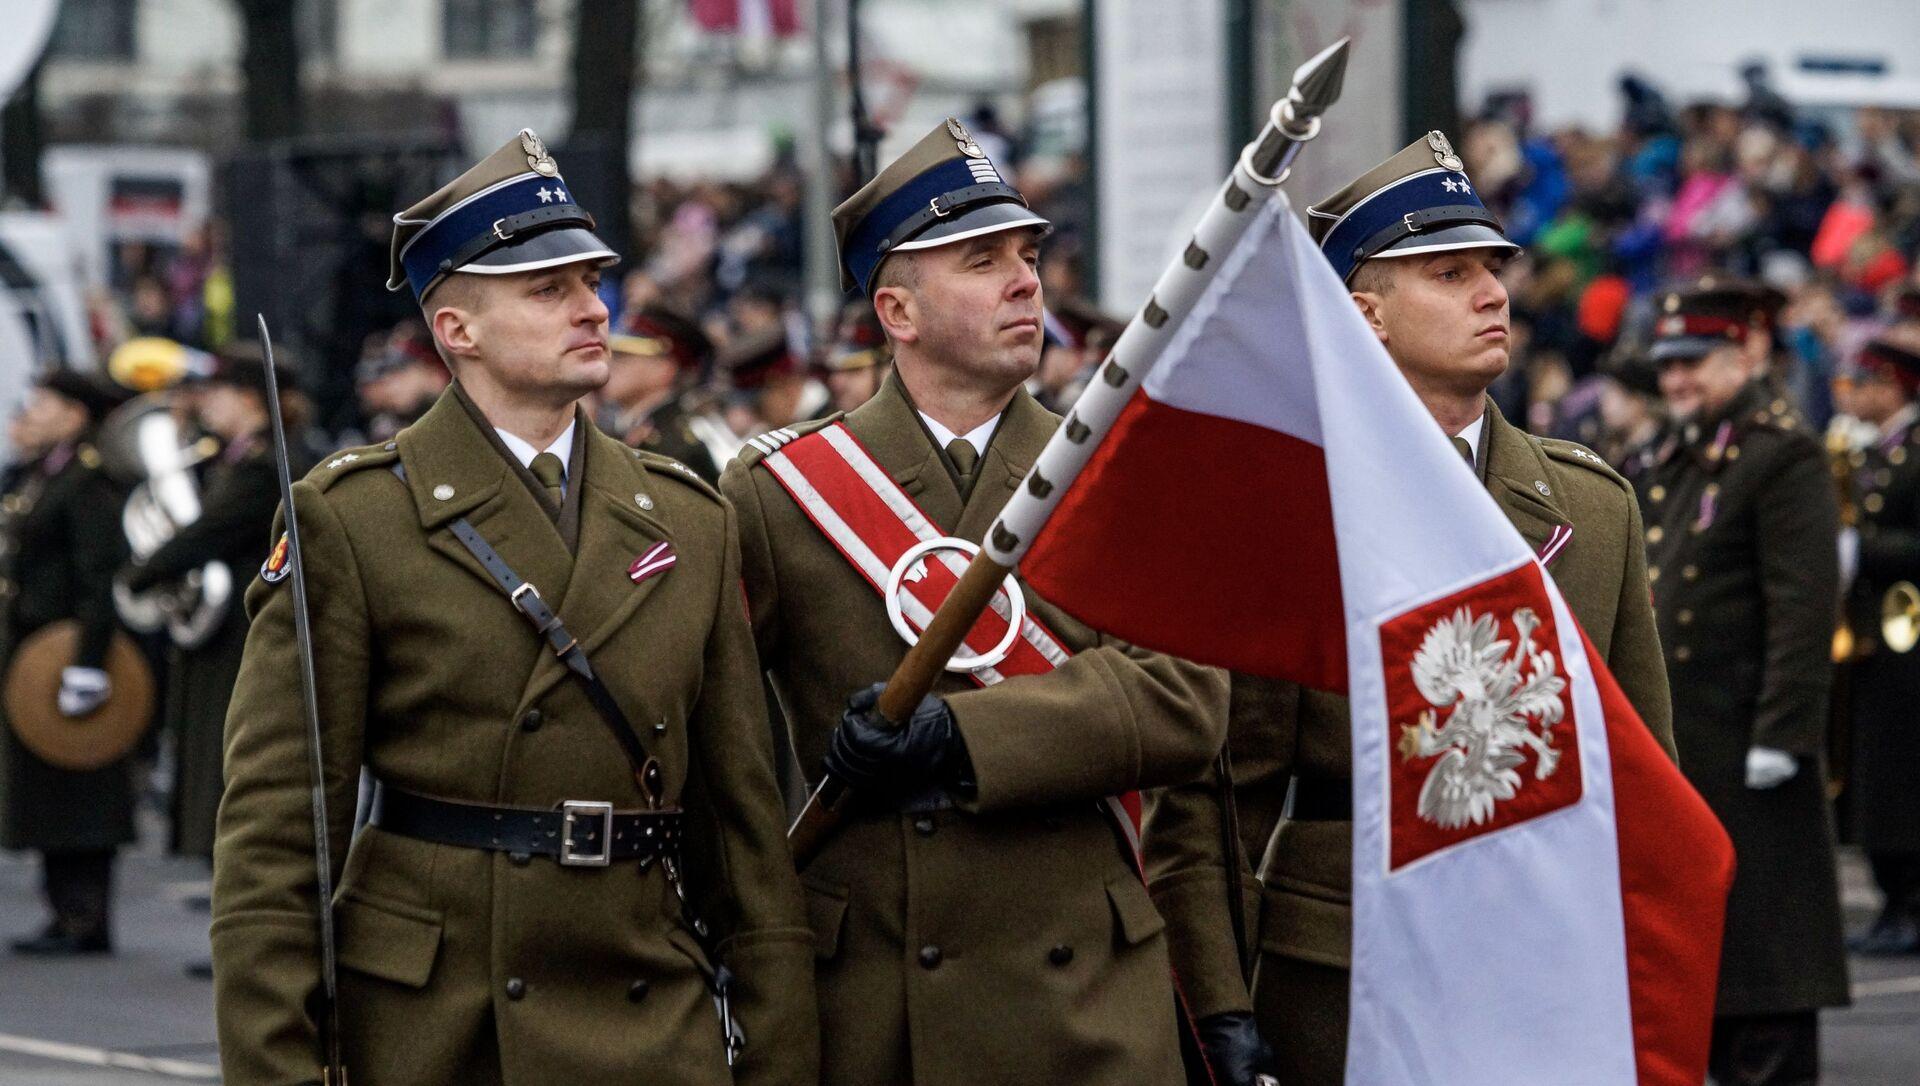 Polskie wojsko w Rydze, Dzień Niepodległości Łotwy - Sputnik Polska, 1920, 28.02.2021